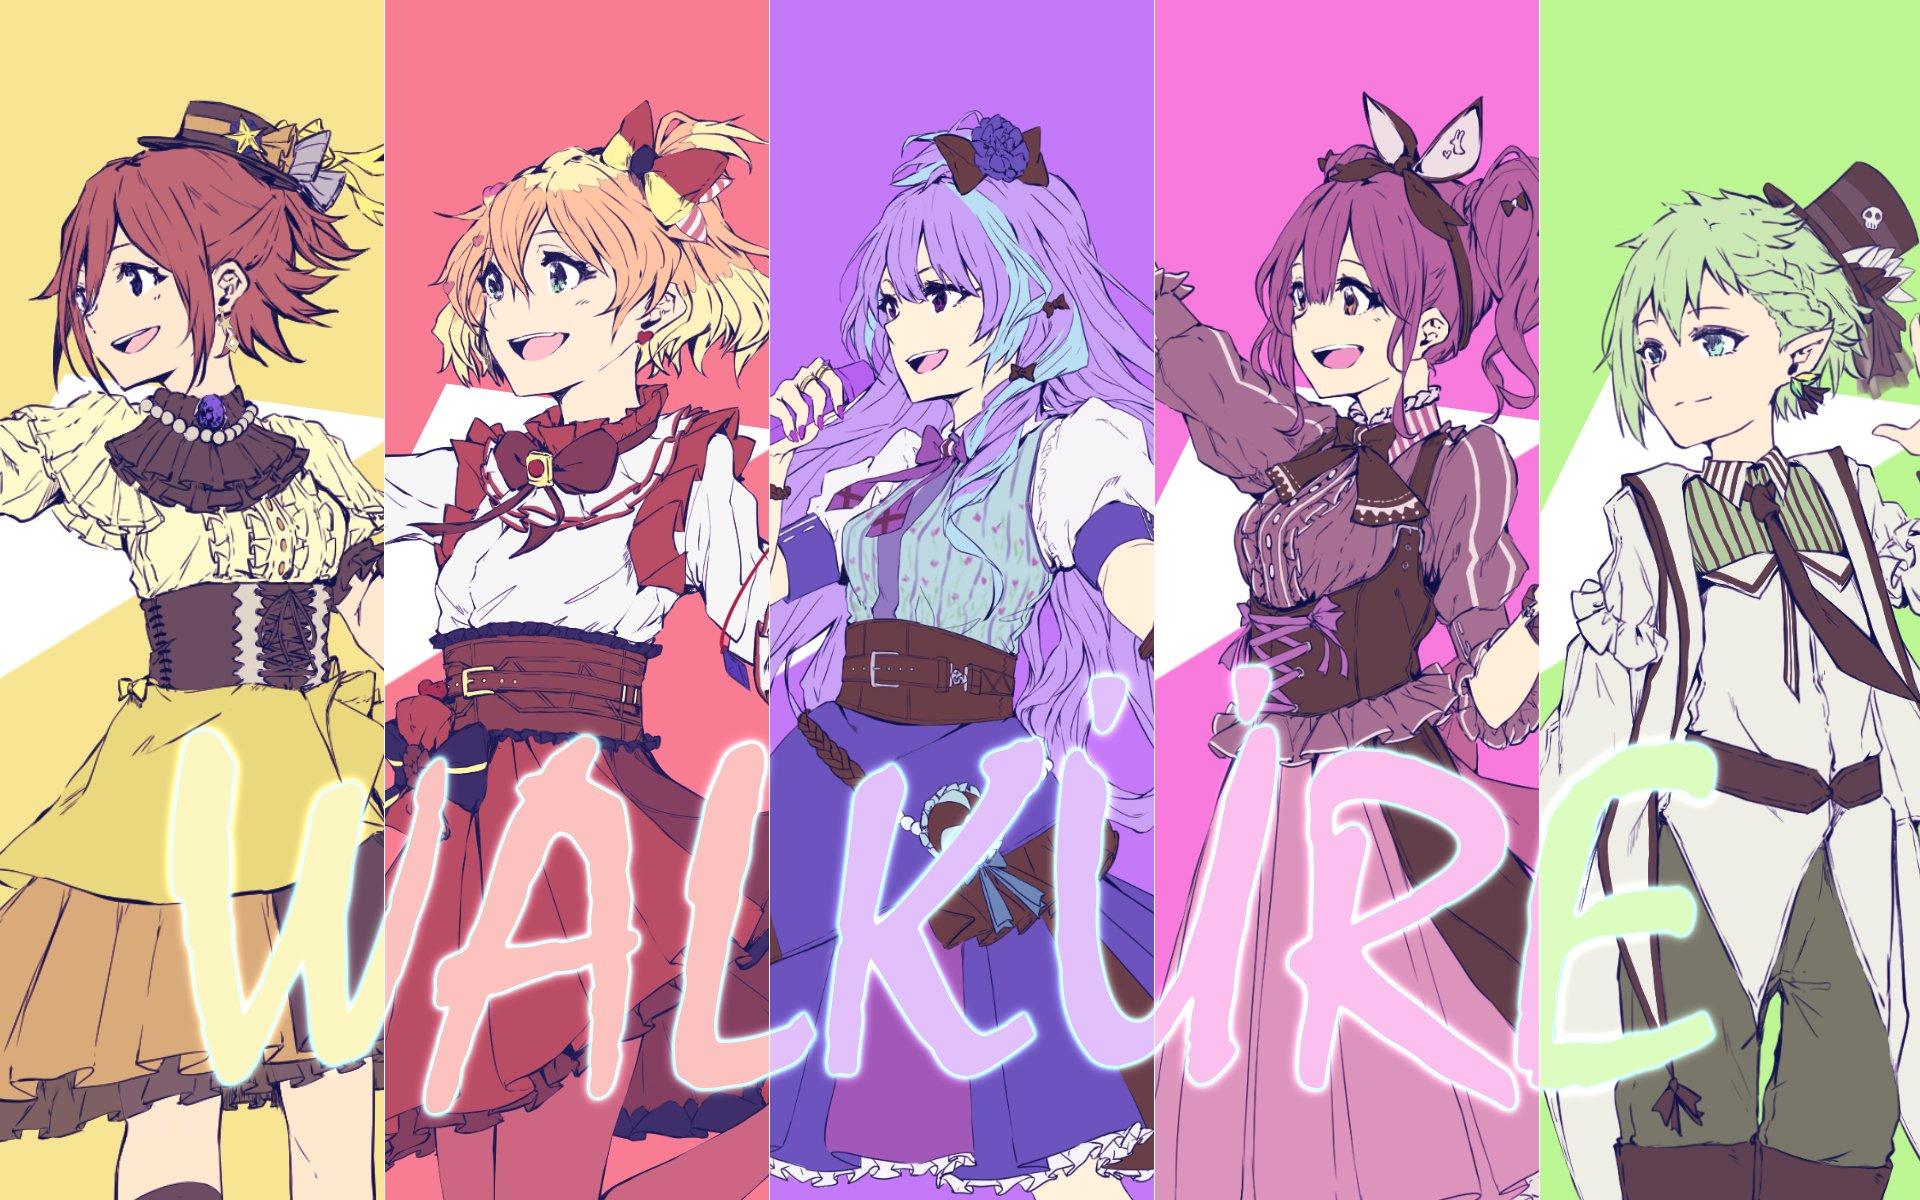 Anime Macross Delta Girls Kaname Buccaneer Freyja Wion Mikumo Guynemer Makina Nakajima Reina Prowler Idol